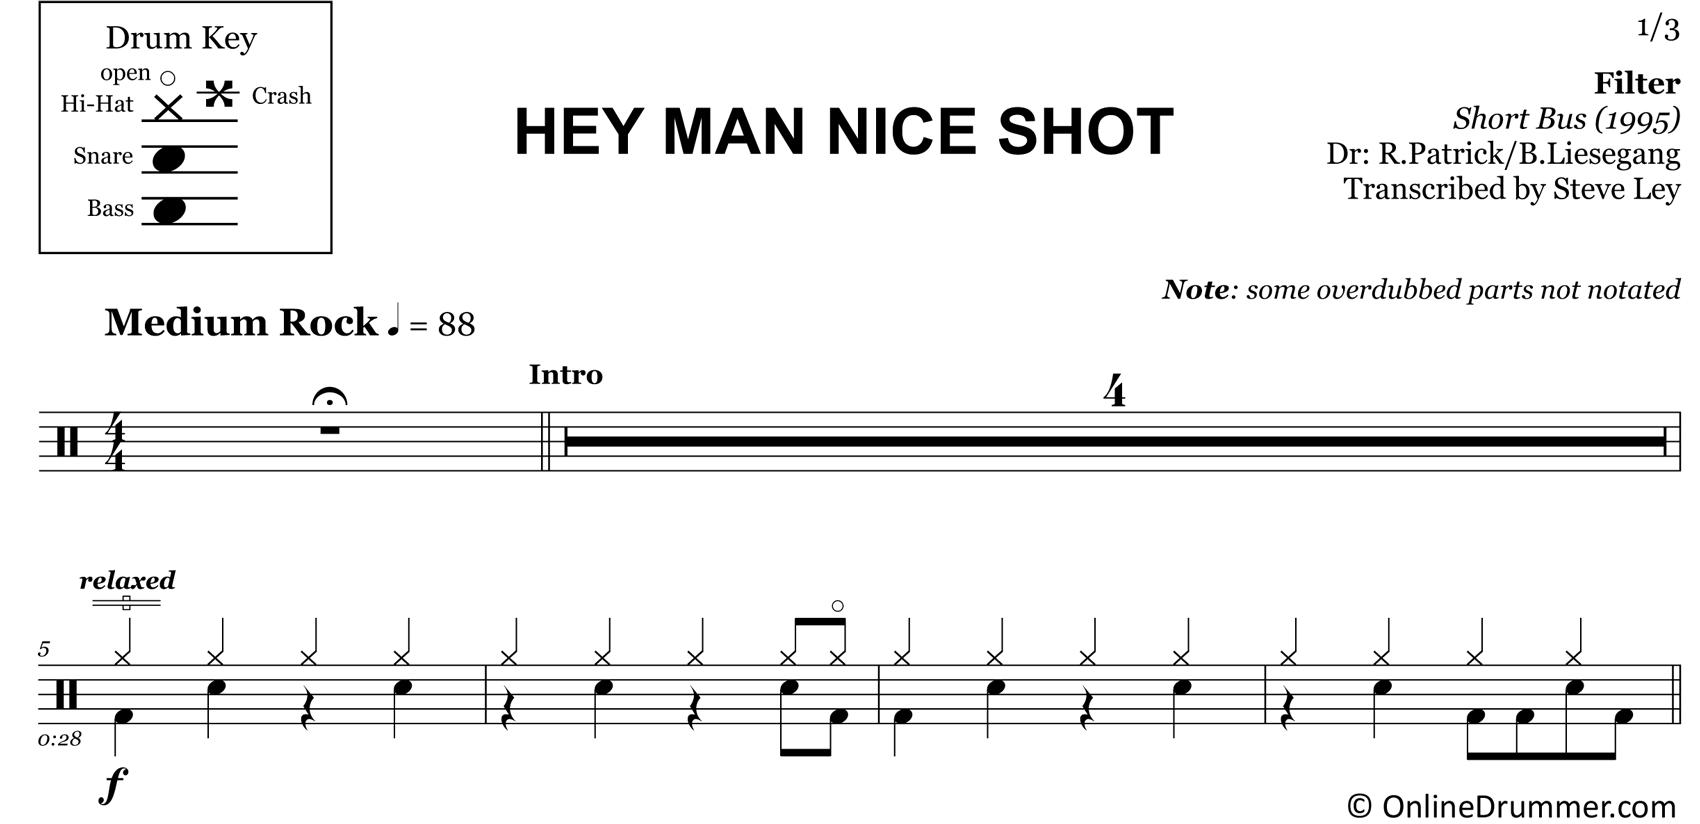 Hey Man Nice Shot - Filter - Drum Sheet Music